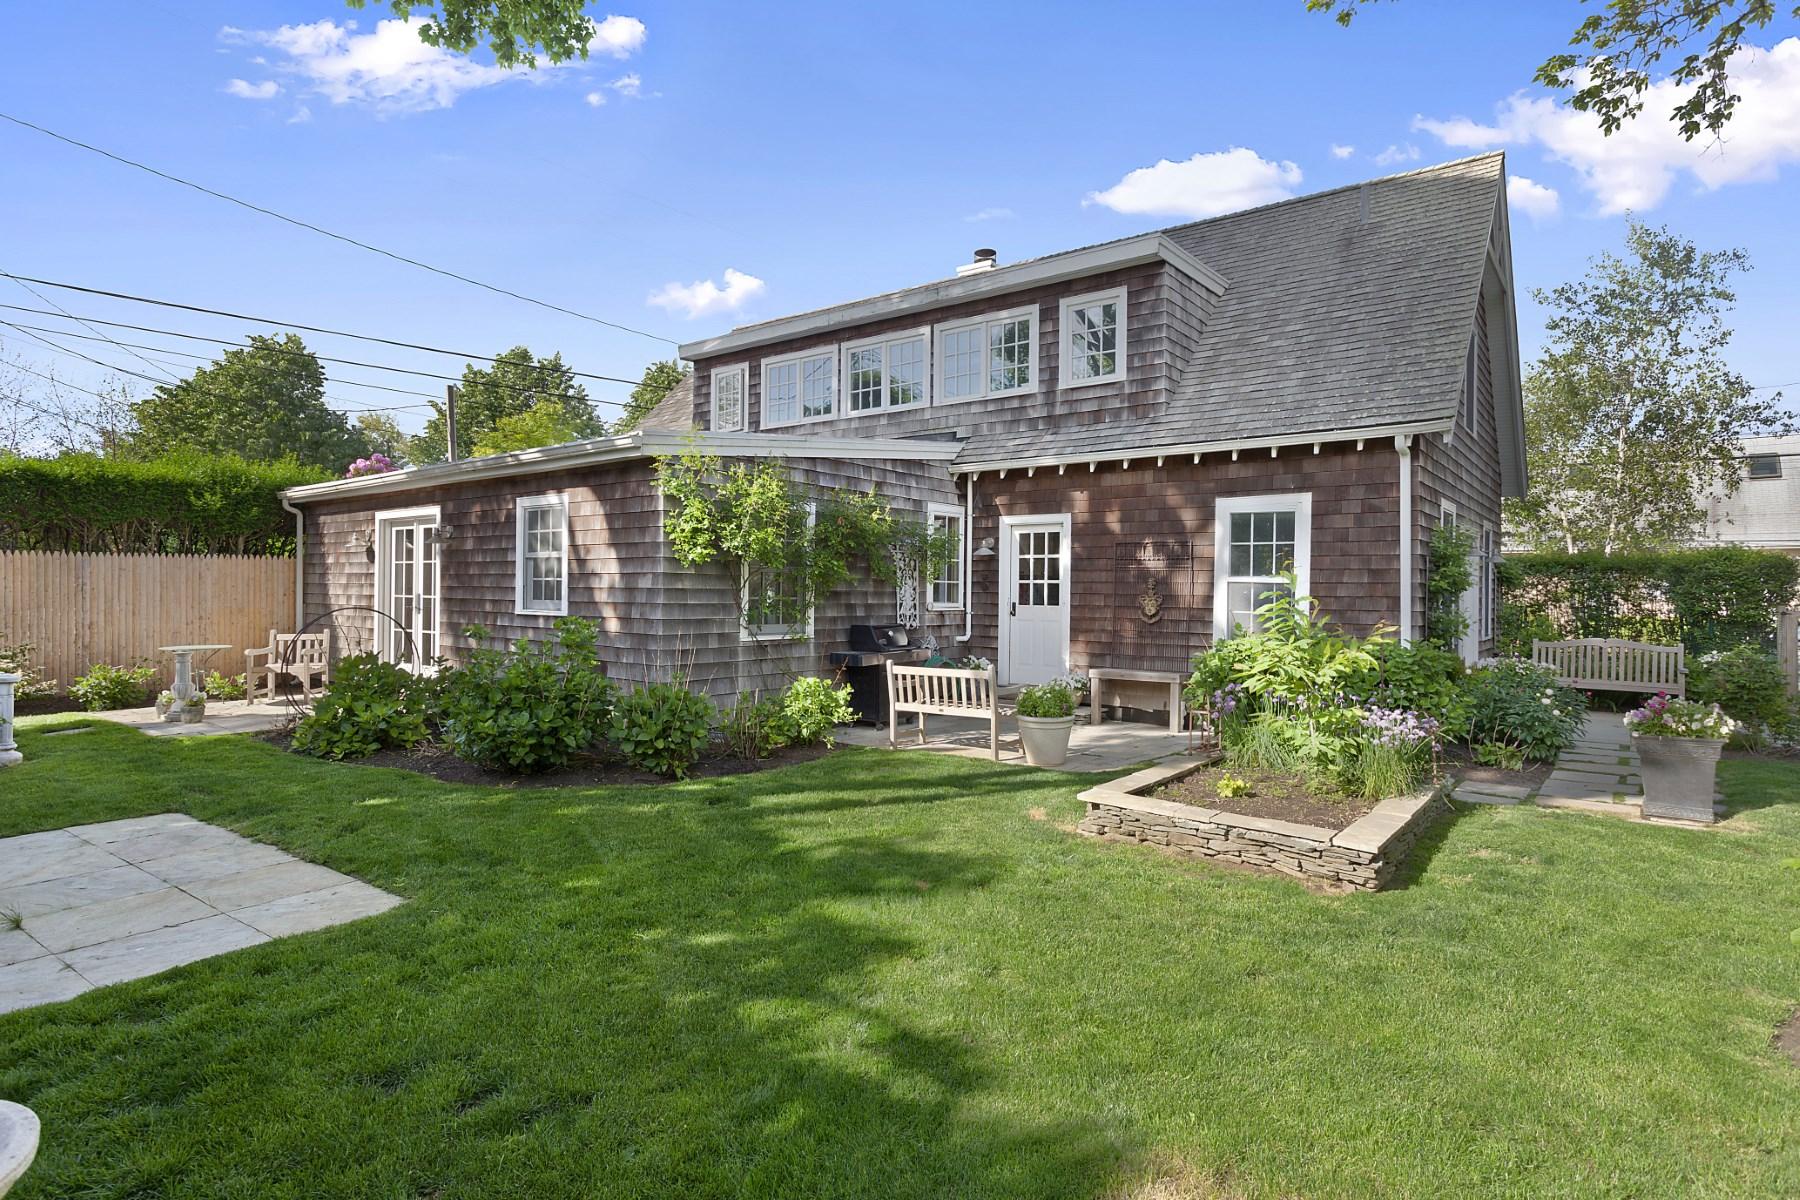 단독 가정 주택 용 매매 에 Charming Cottage, Bridgehampton Village 154 Corwith Avenue Bridgehampton, 뉴욕 11932 미국